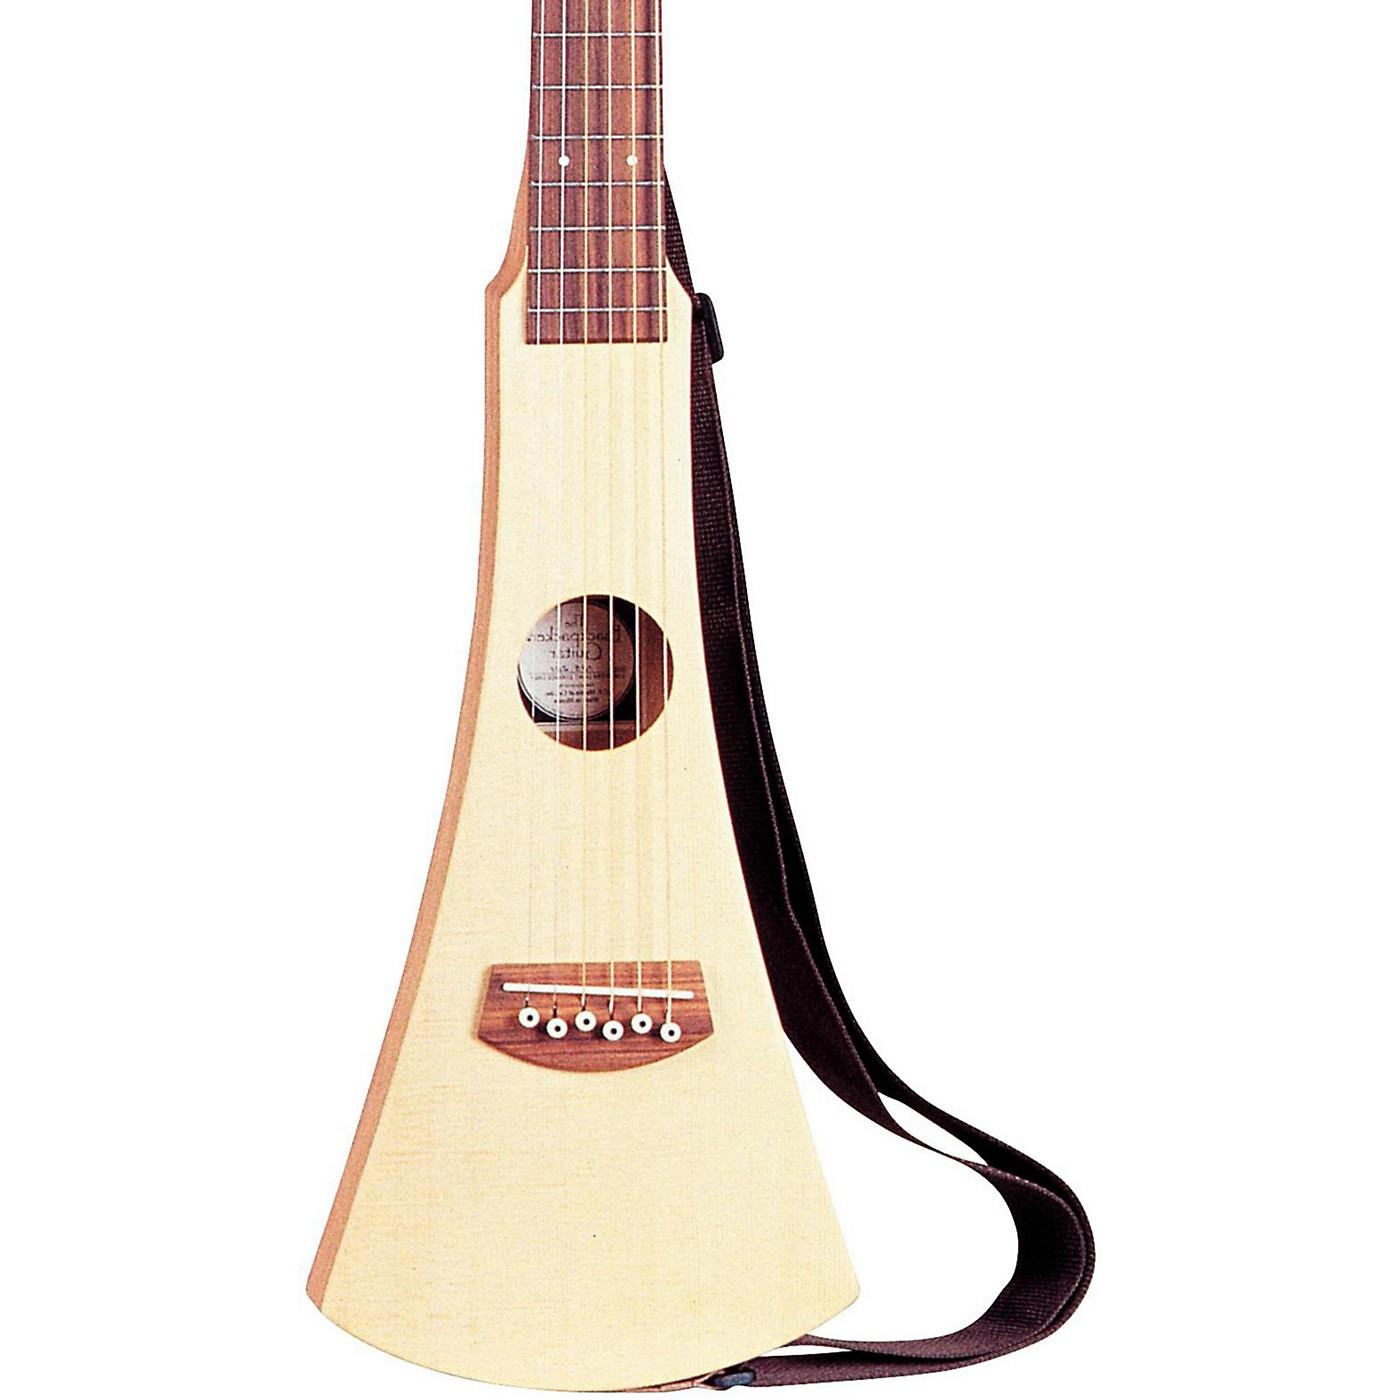 Martin Backpacker Steel String Left-Handed Acoustic Guitar thumbnail